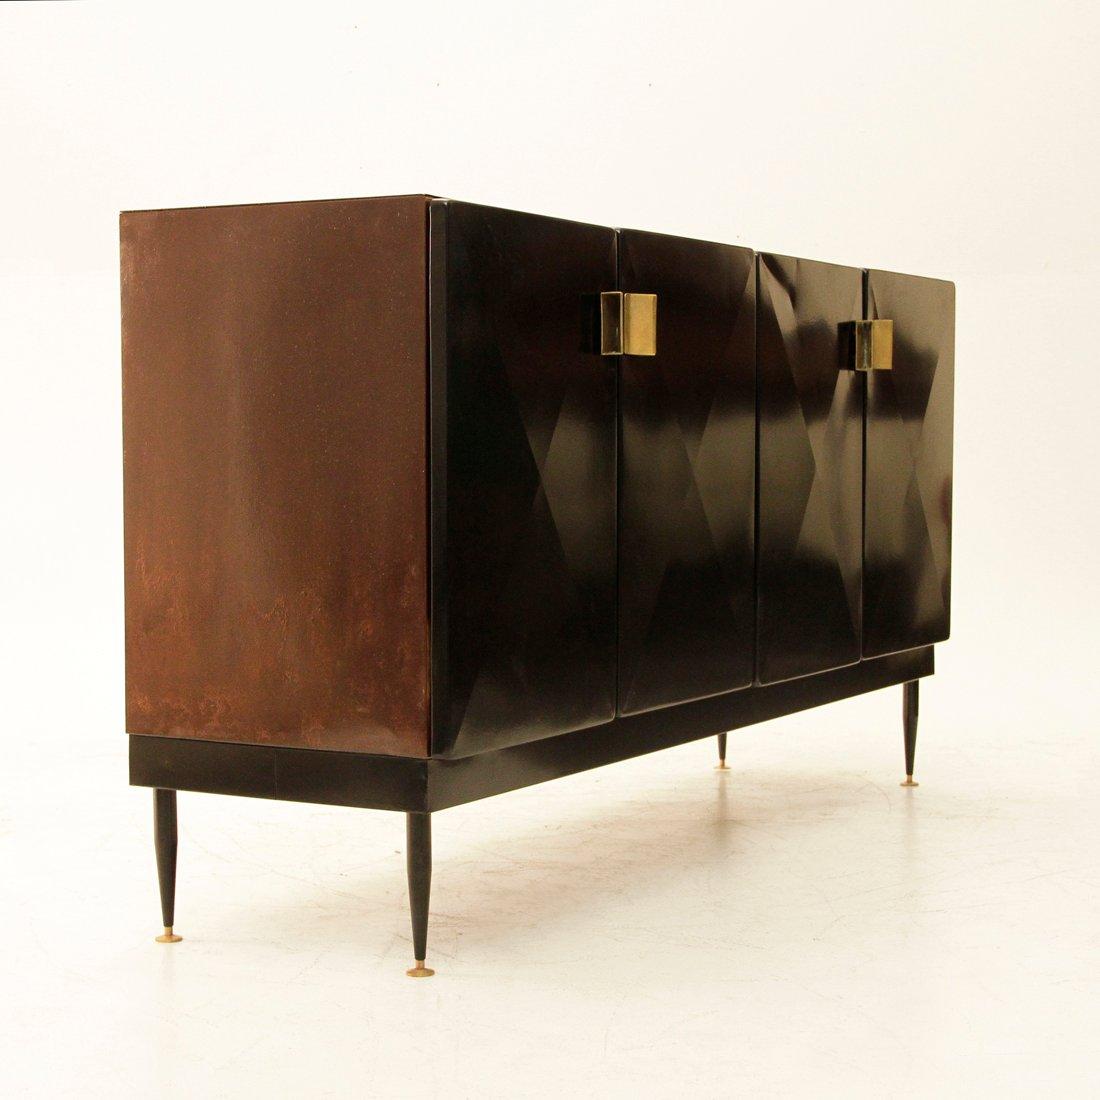 italienische industrielle vintage metall anrichte bei. Black Bedroom Furniture Sets. Home Design Ideas